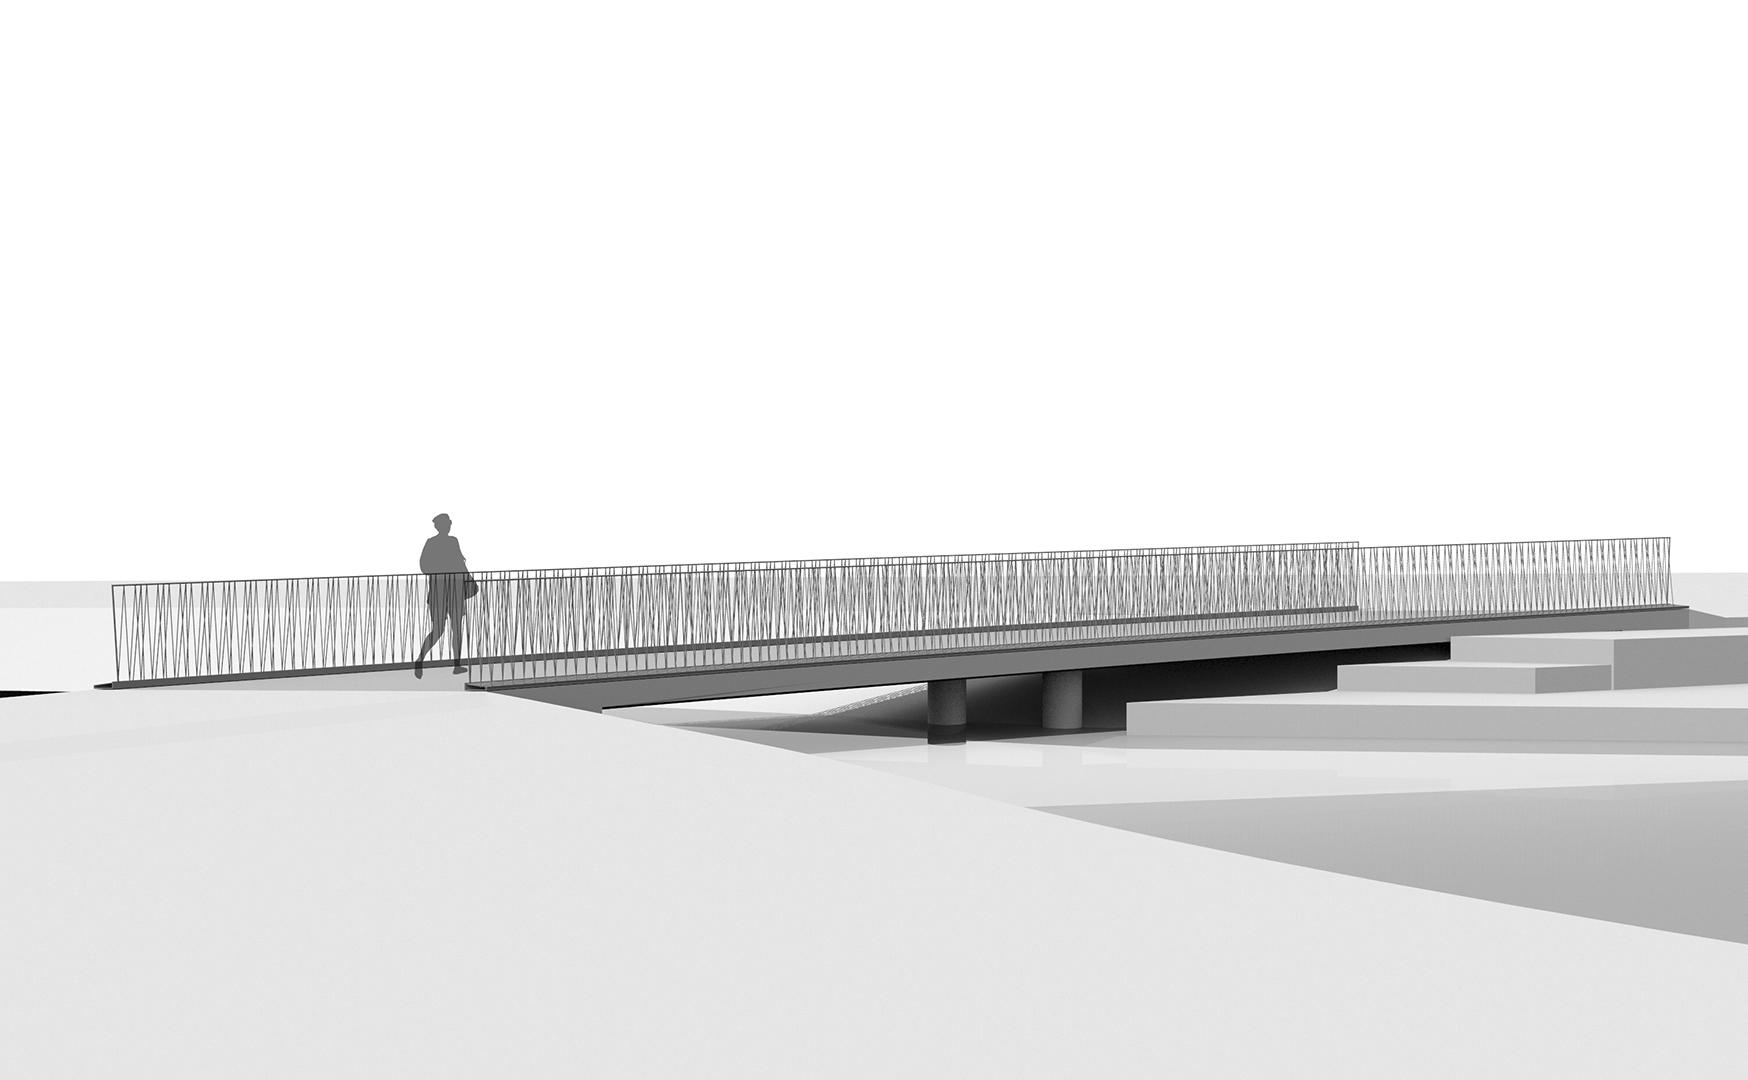 Brücken Landesgartenschau, Bad Neuenahr-Ahrweiler | Sauerzapfe Architekten